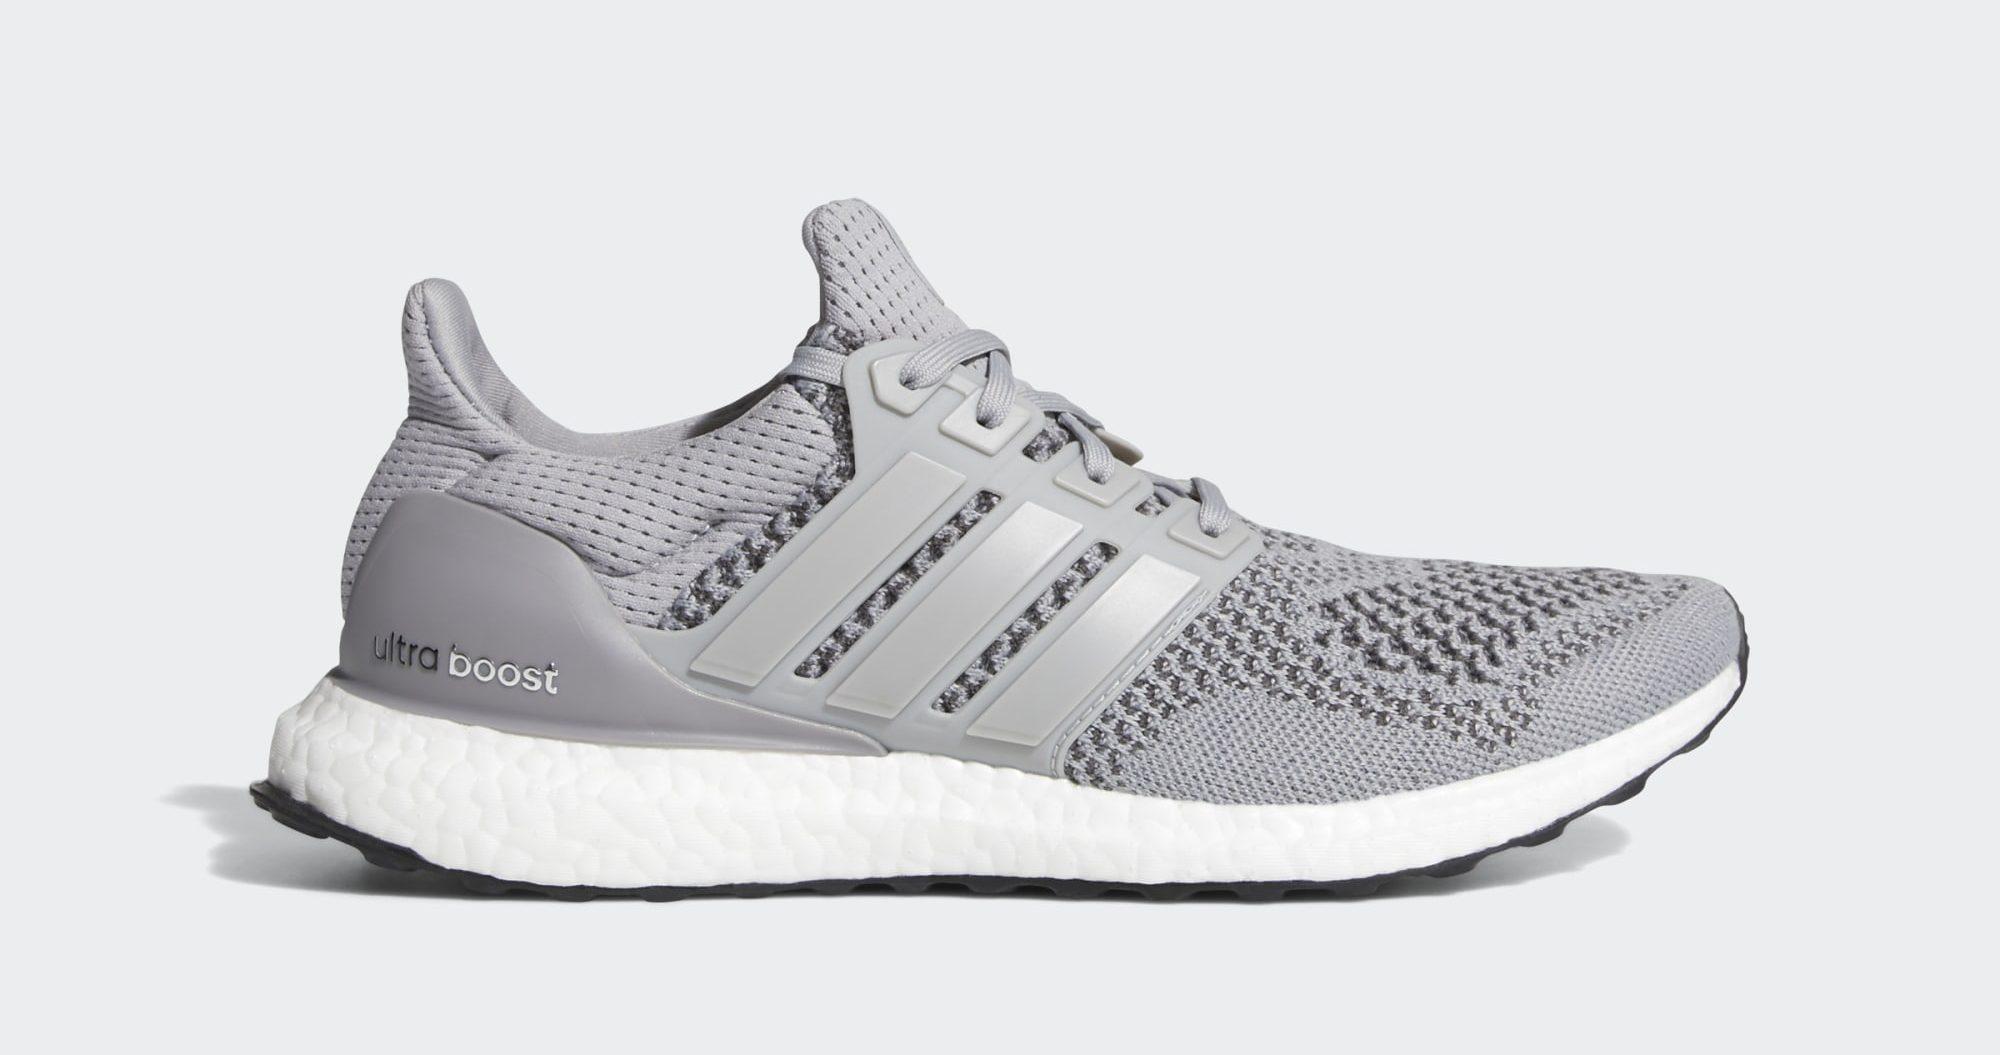 Adidas Ultraboost 1.0 Grey Release Info